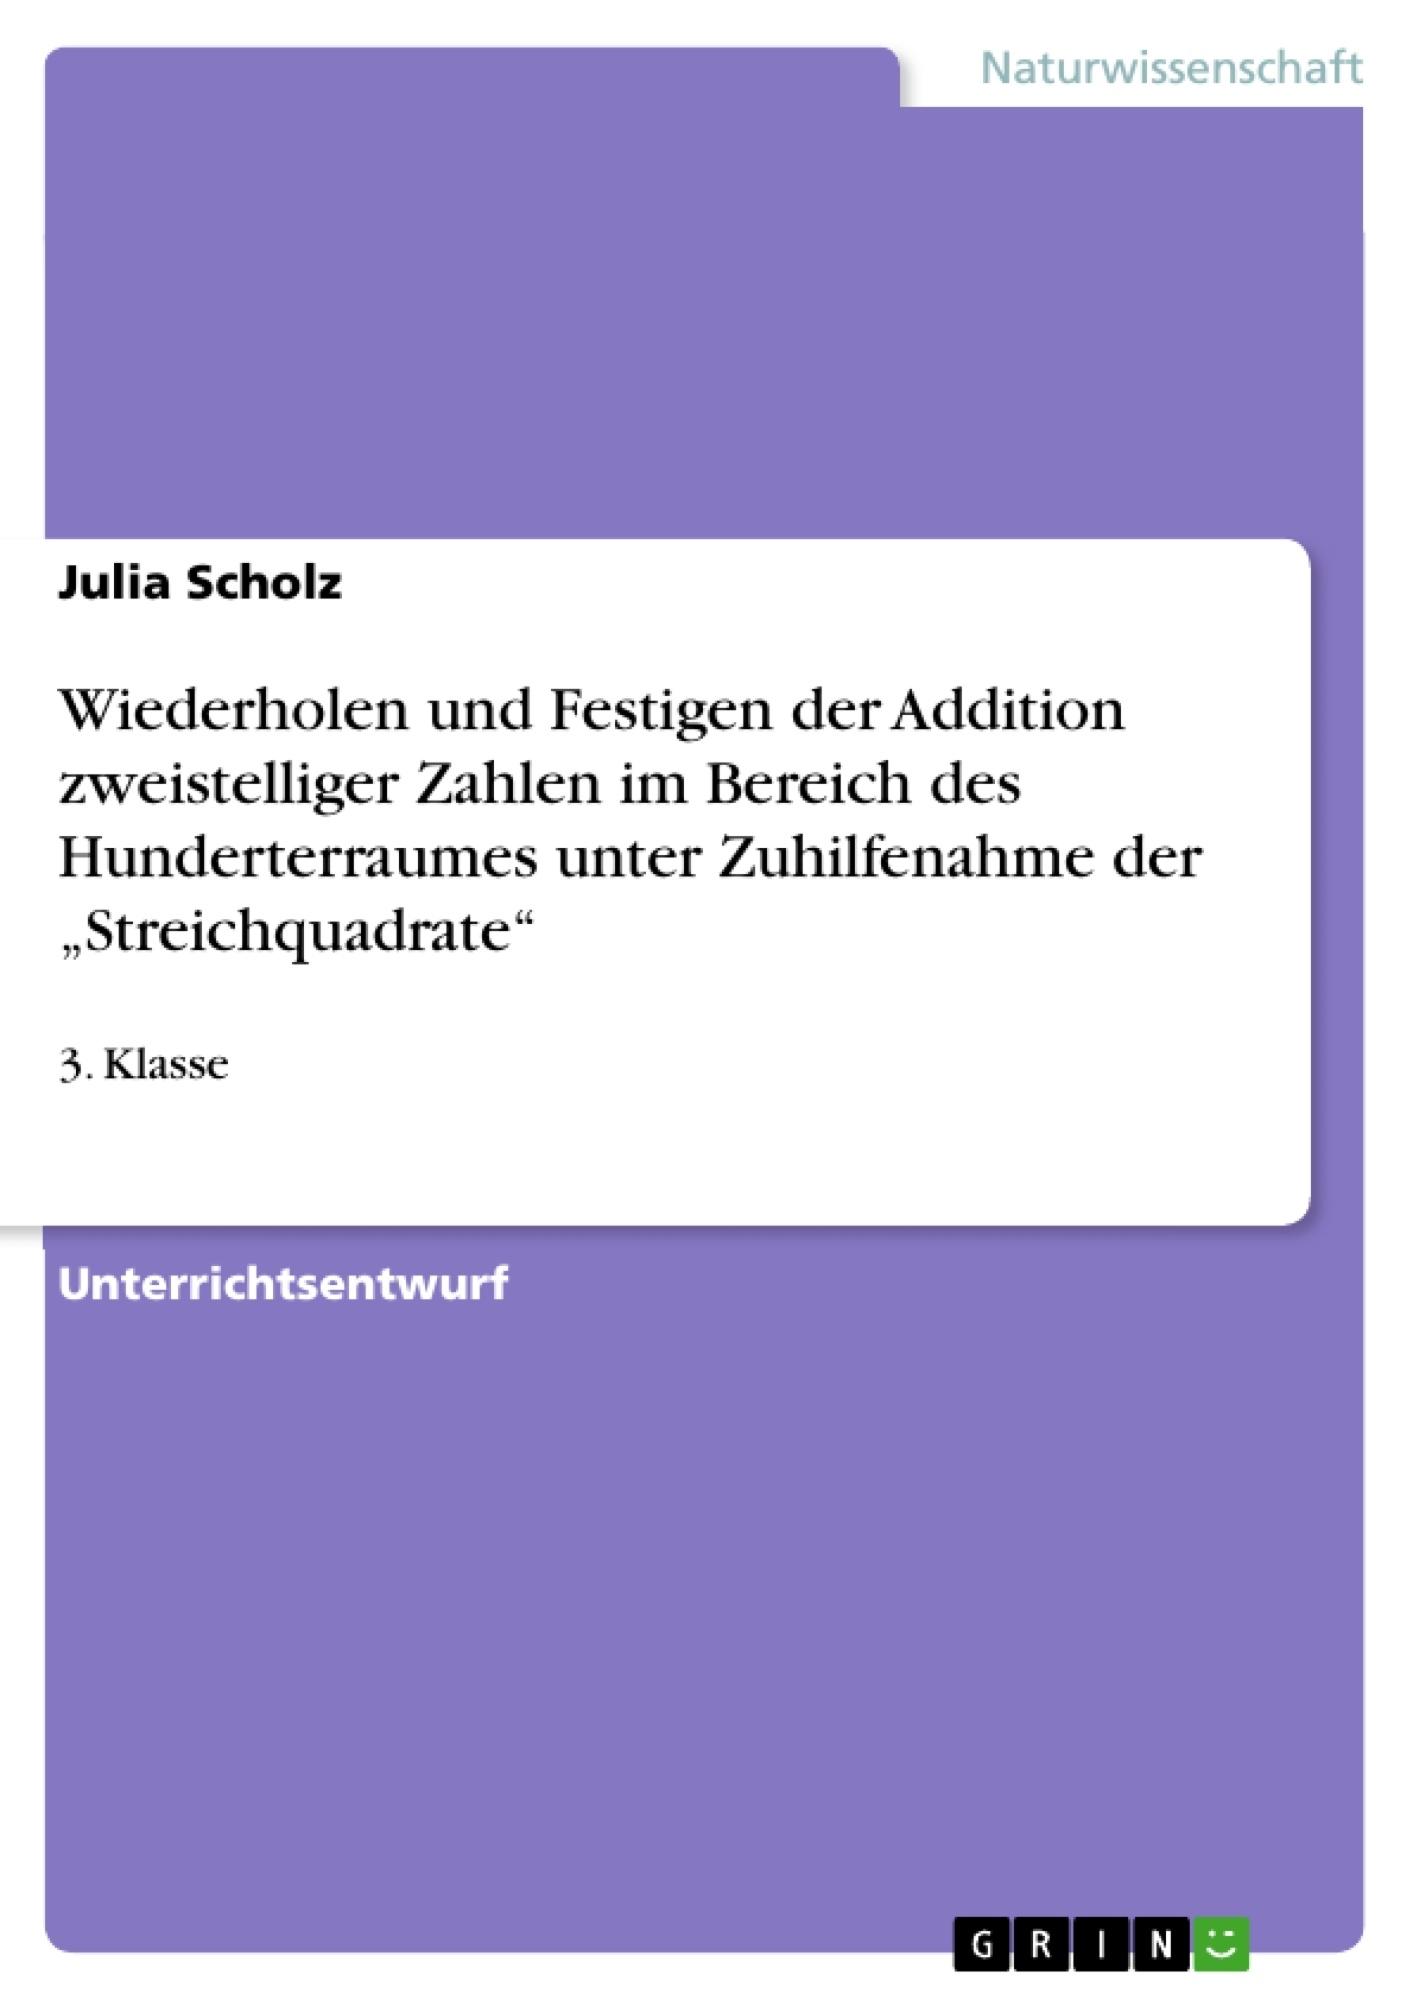 """Titel: Wiederholen und Festigen der Addition zweistelliger Zahlen im Bereich des Hunderterraumes unter Zuhilfenahme der """"Streichquadrate"""""""